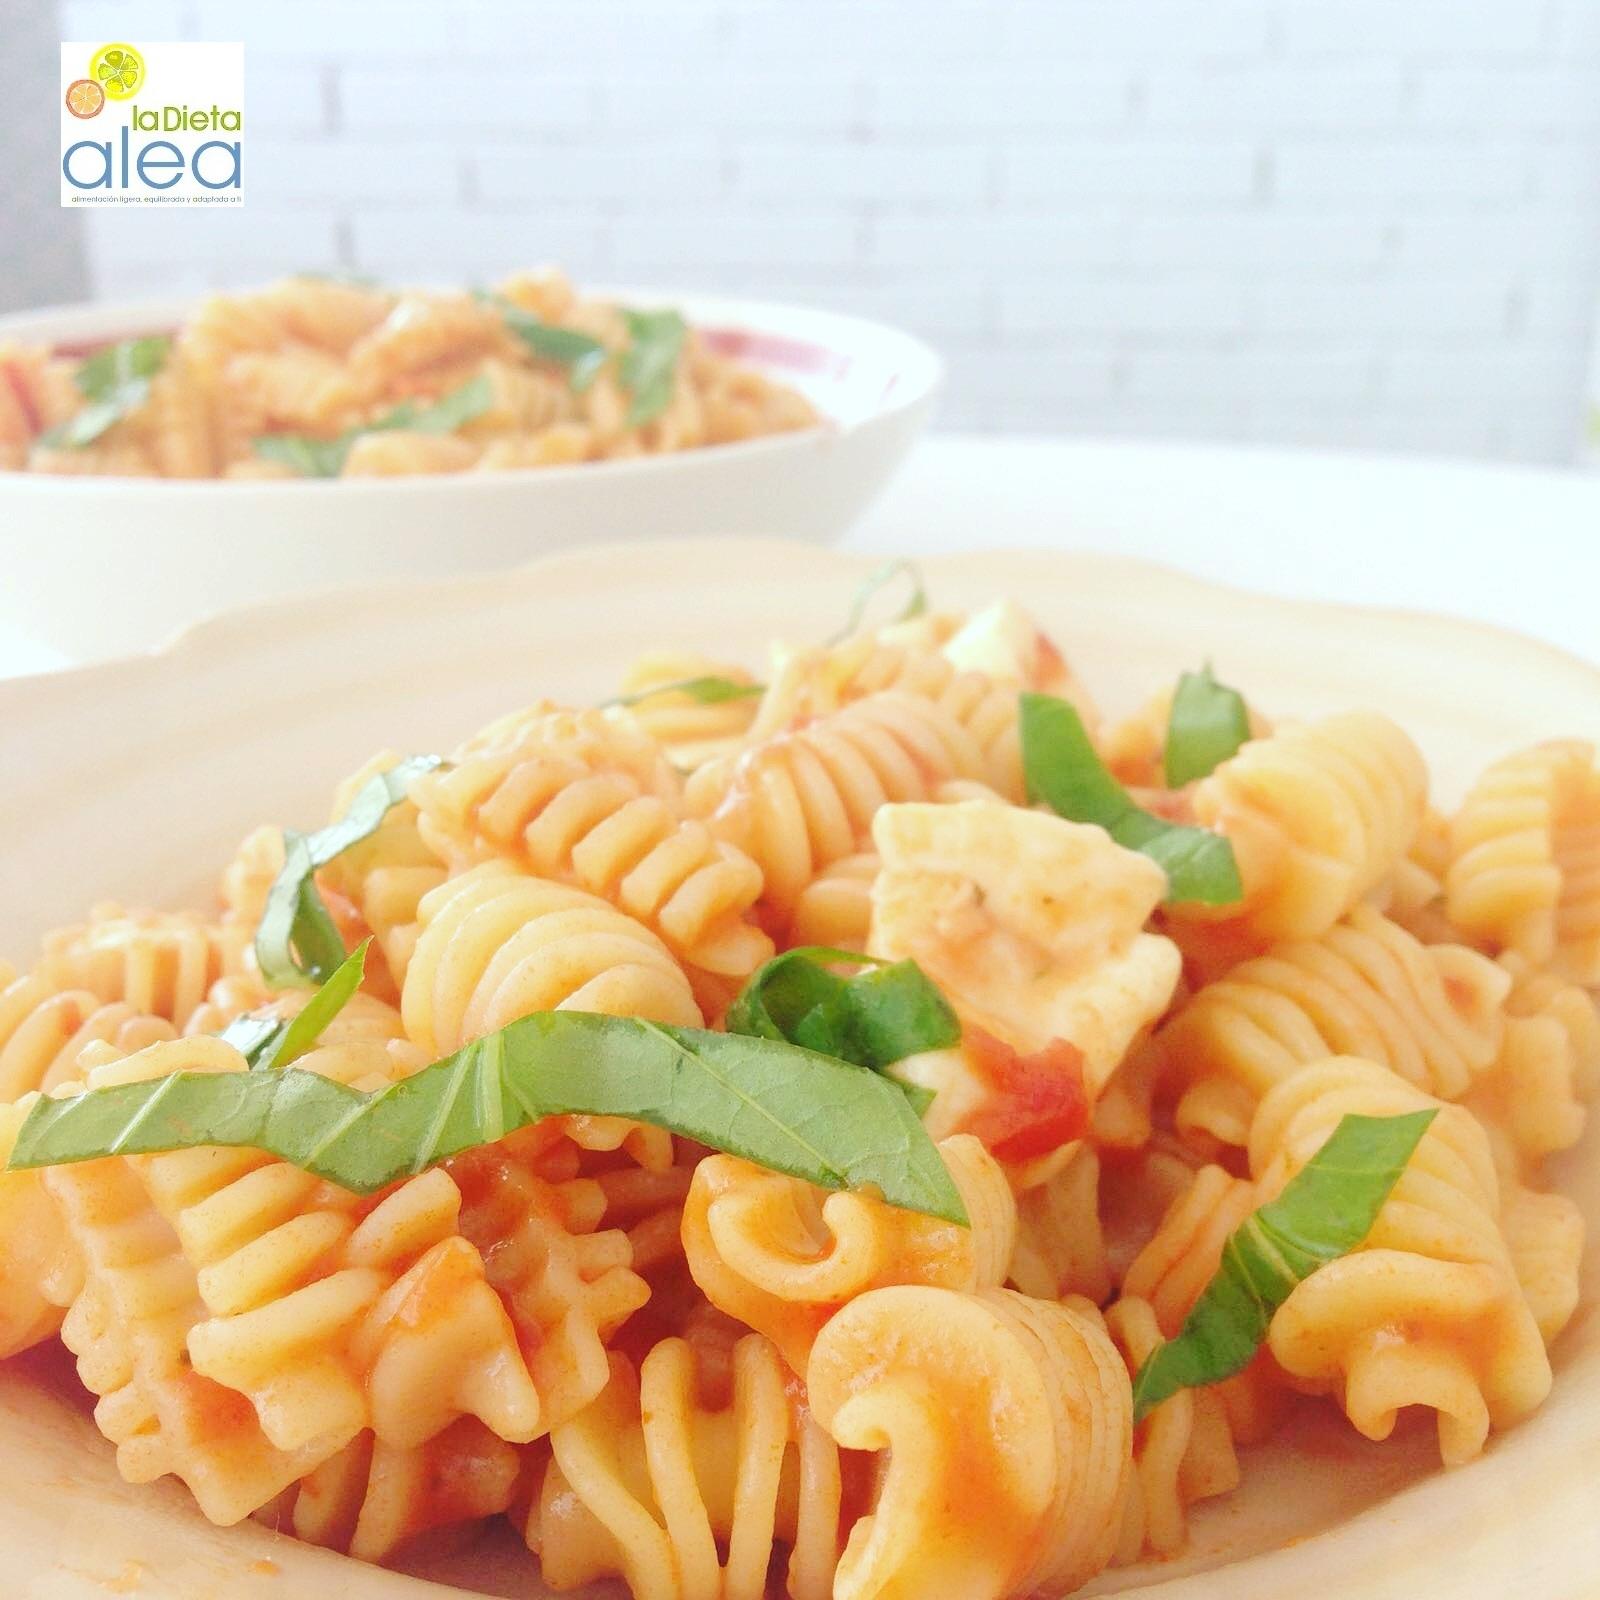 Comida r pida sana la dieta alea blog de nutrici n y - Comida sana y facil para adelgazar ...